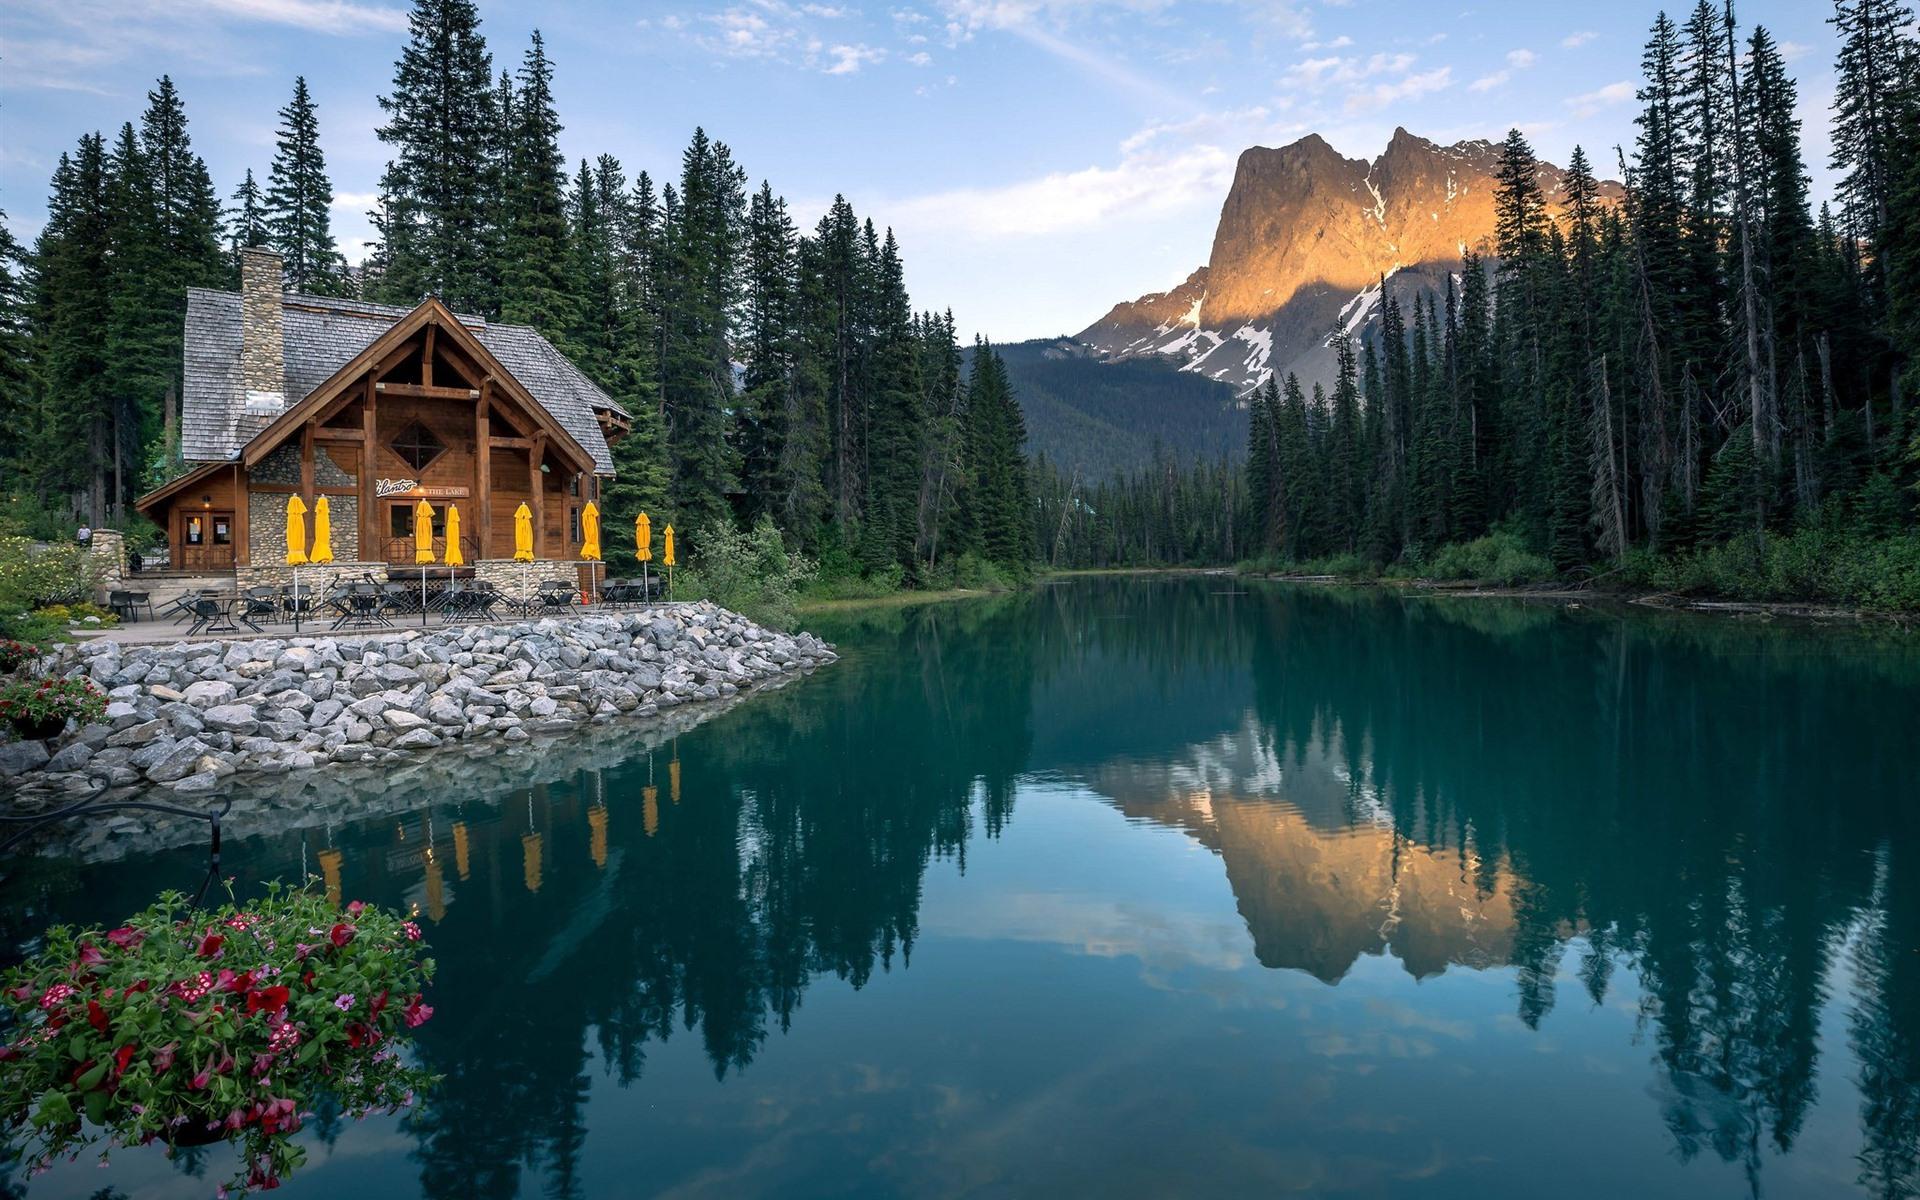 сделать красивую, красивые дома у озера фото том, что каждый